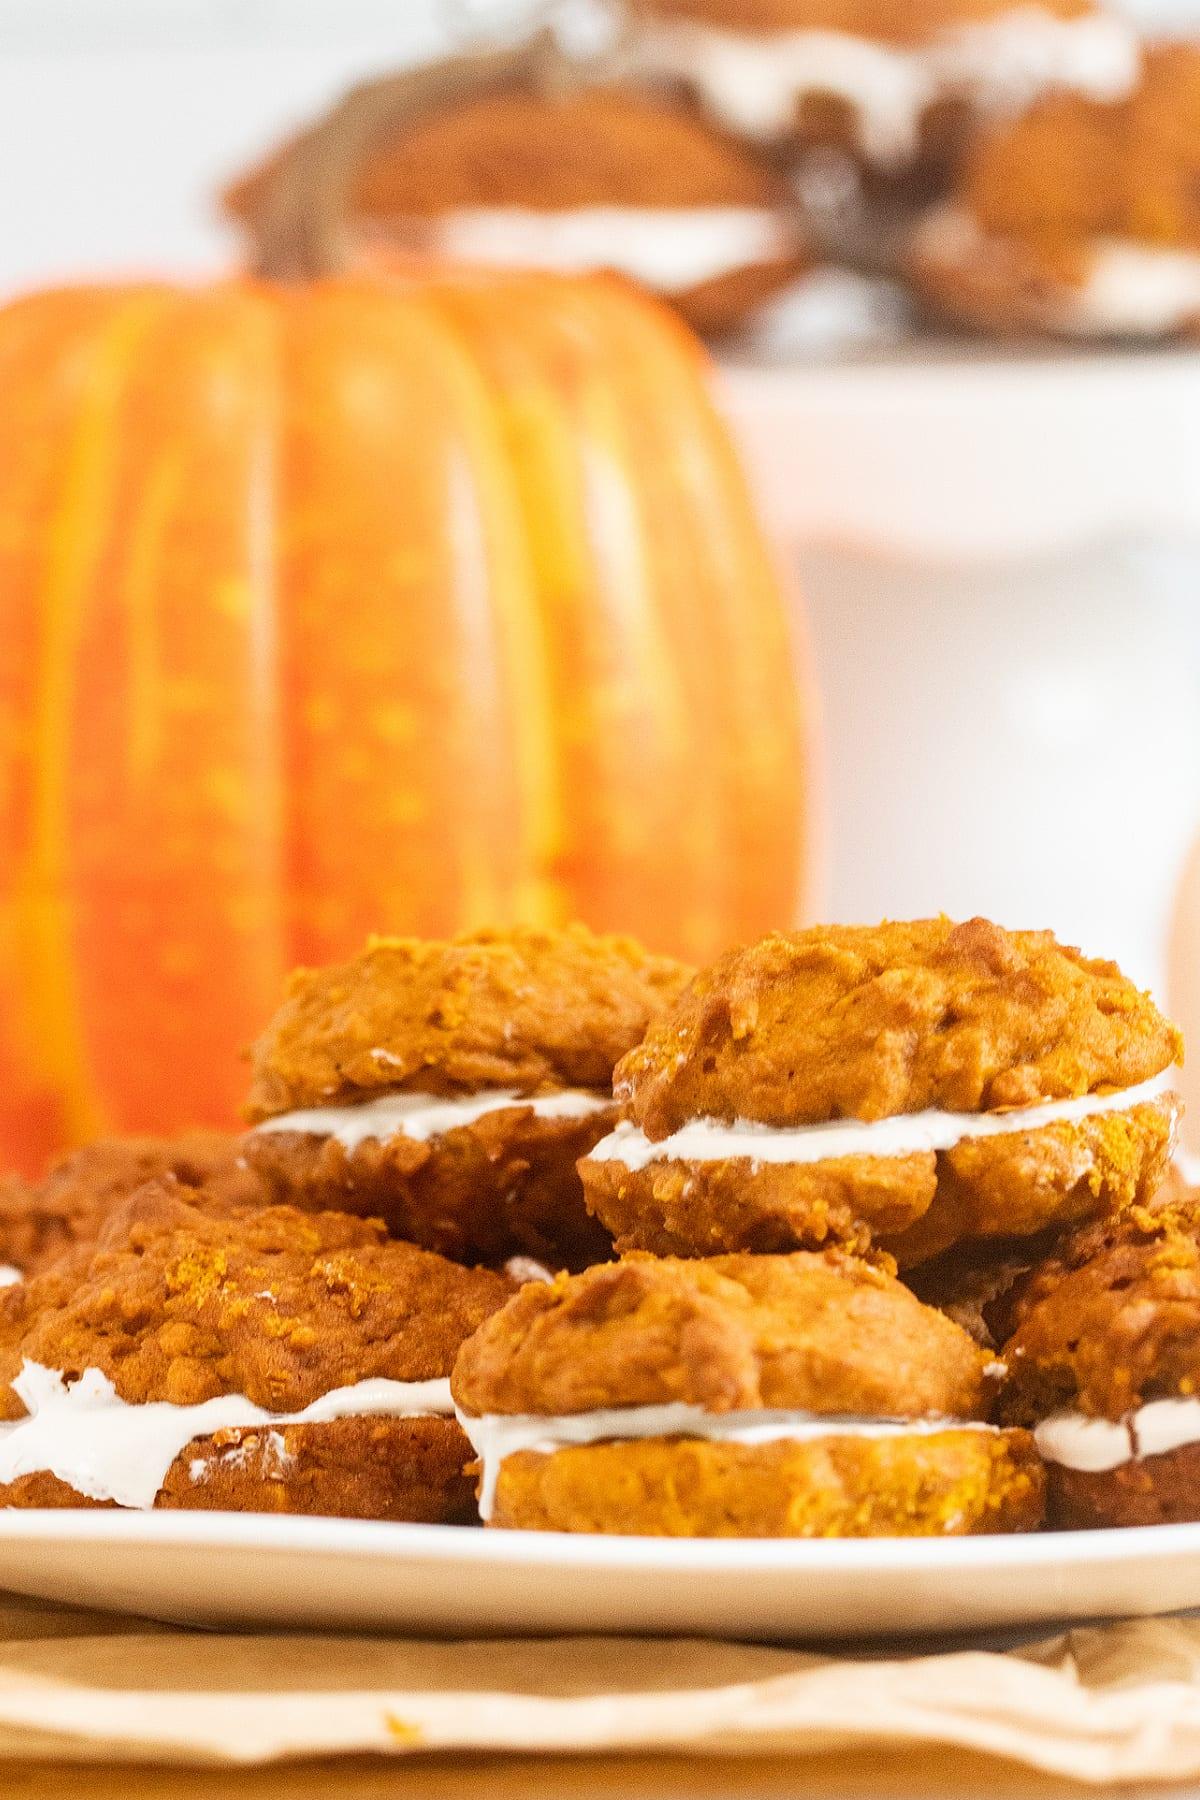 Pumpkin whoopie pies on plate